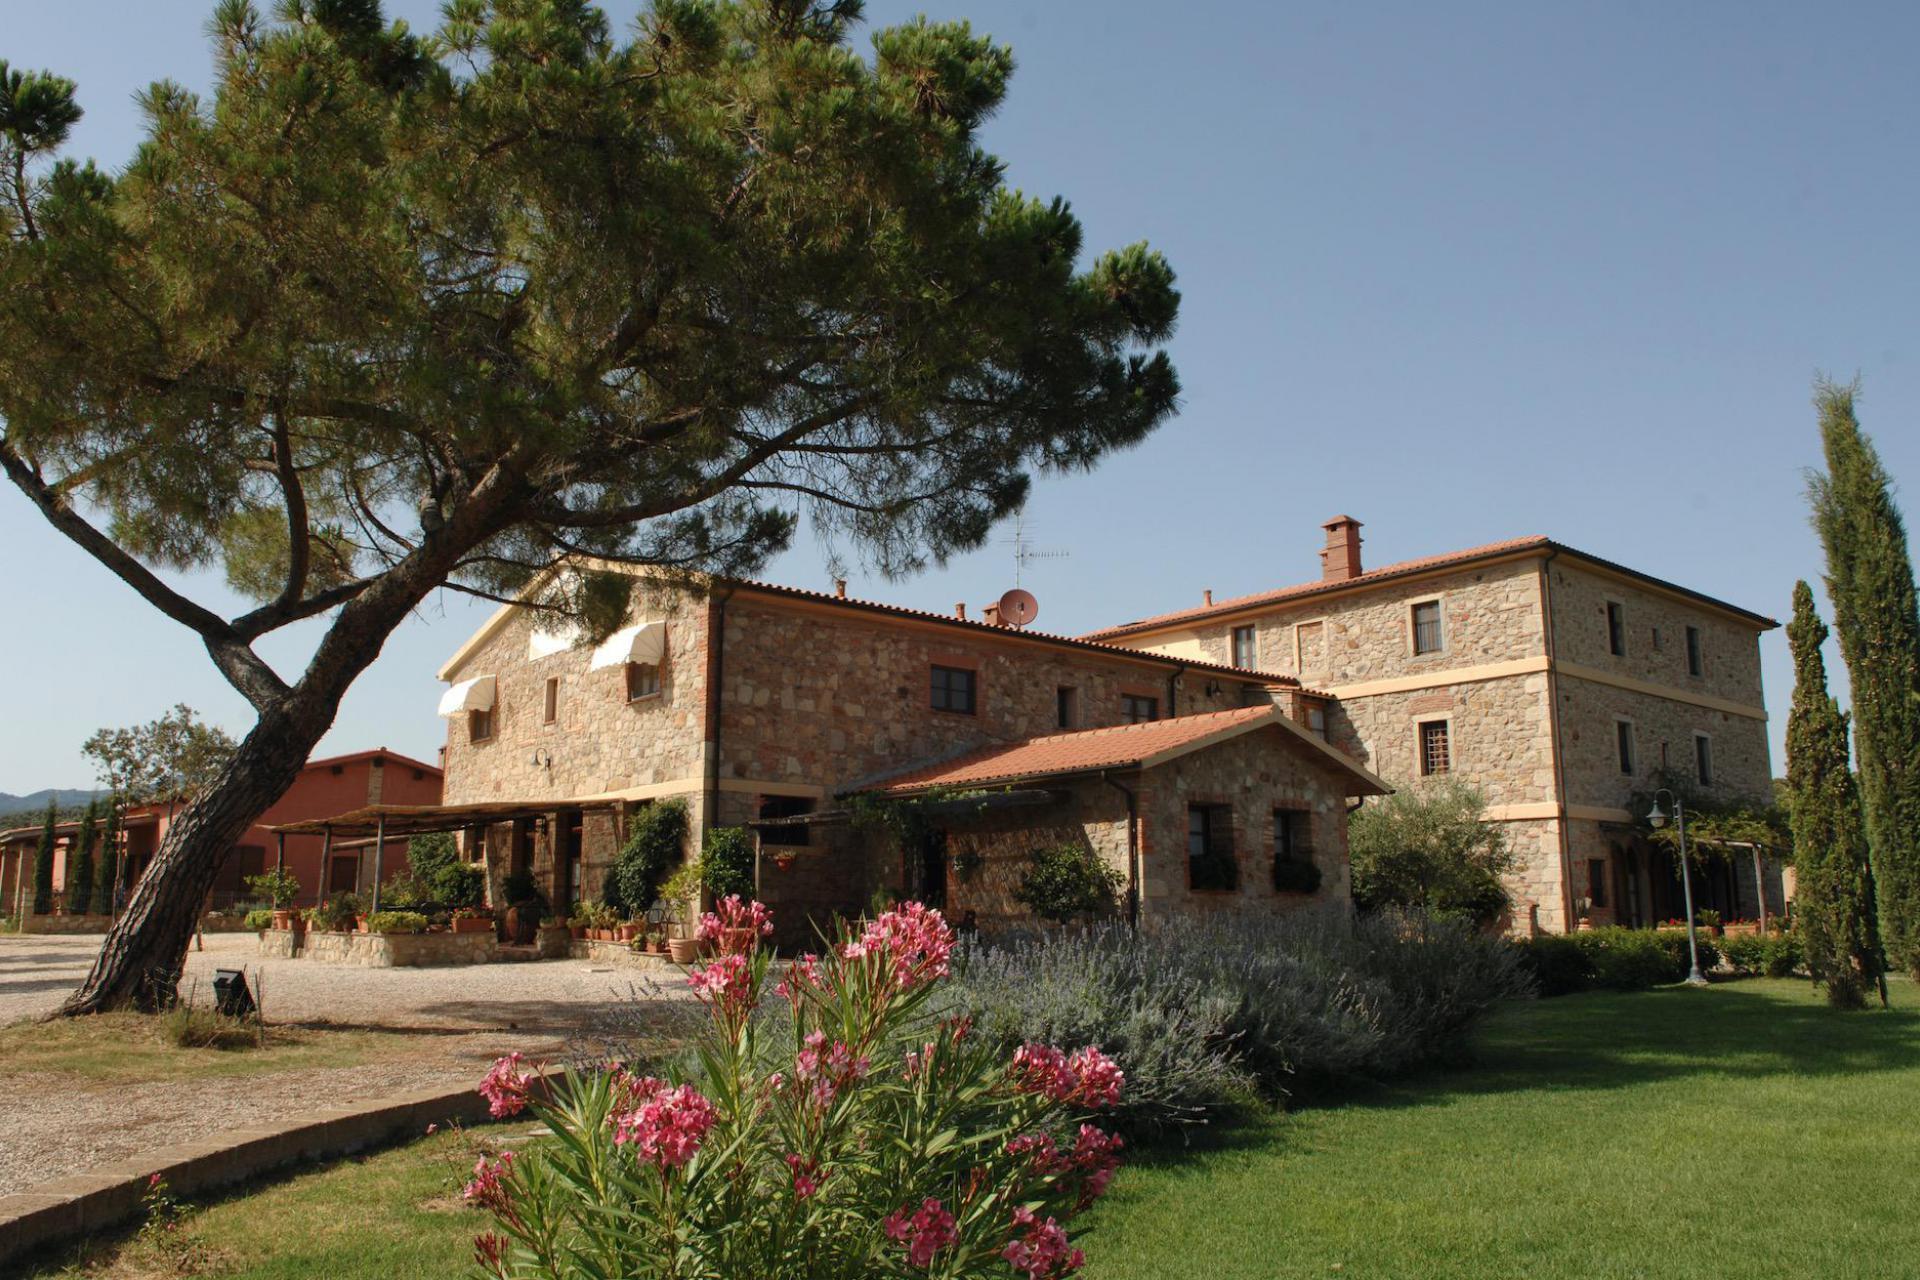 Agriturismo Toscane Agriturismo in Toscane, rustig gelegen en gastvrij